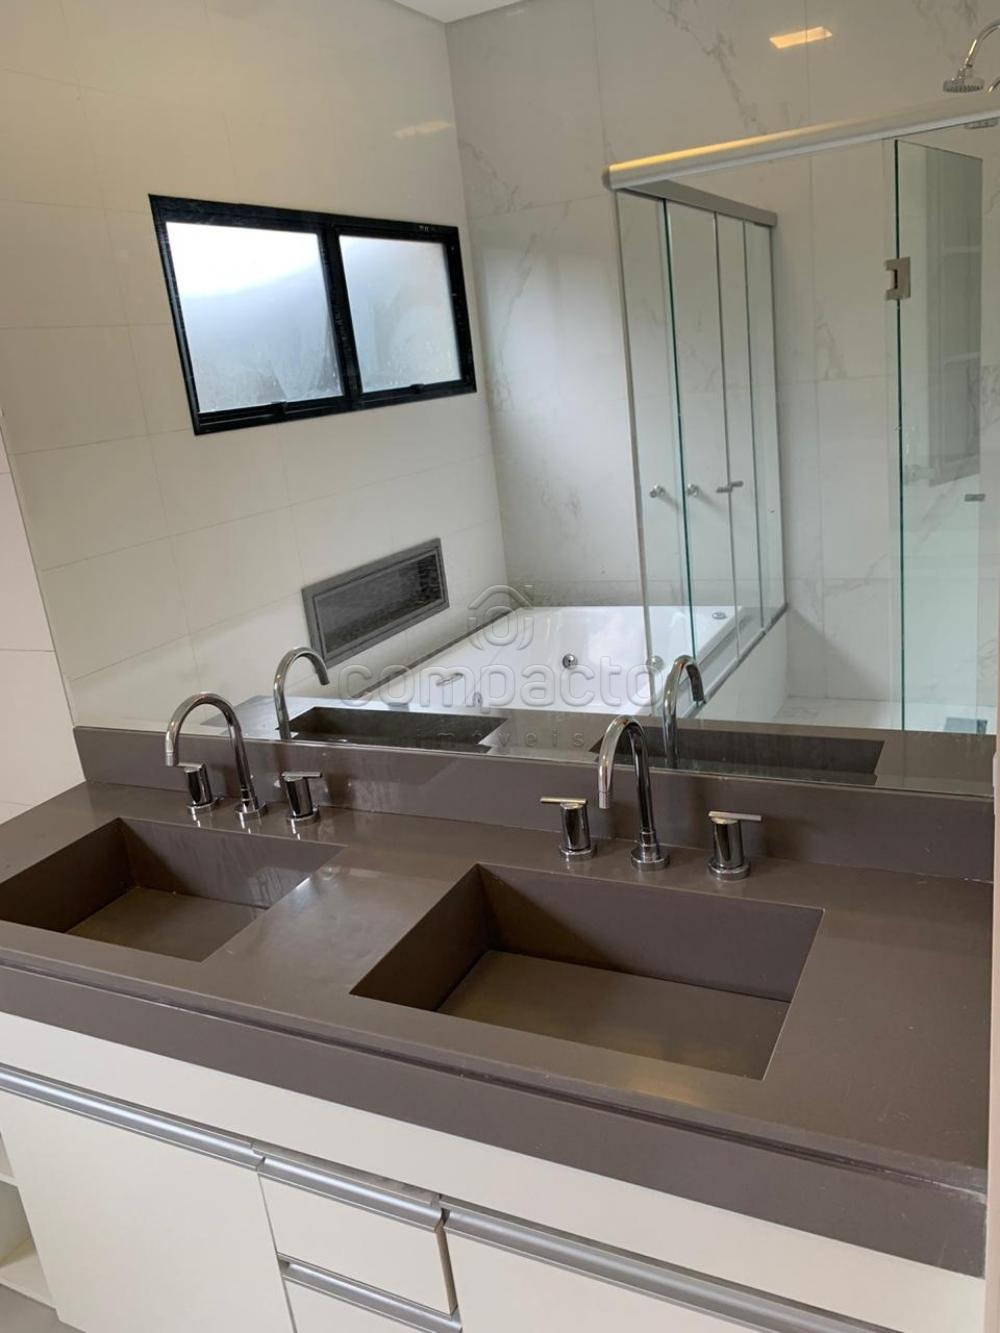 Comprar Casa / Condomínio em São José do Rio Preto apenas R$ 970.000,00 - Foto 7